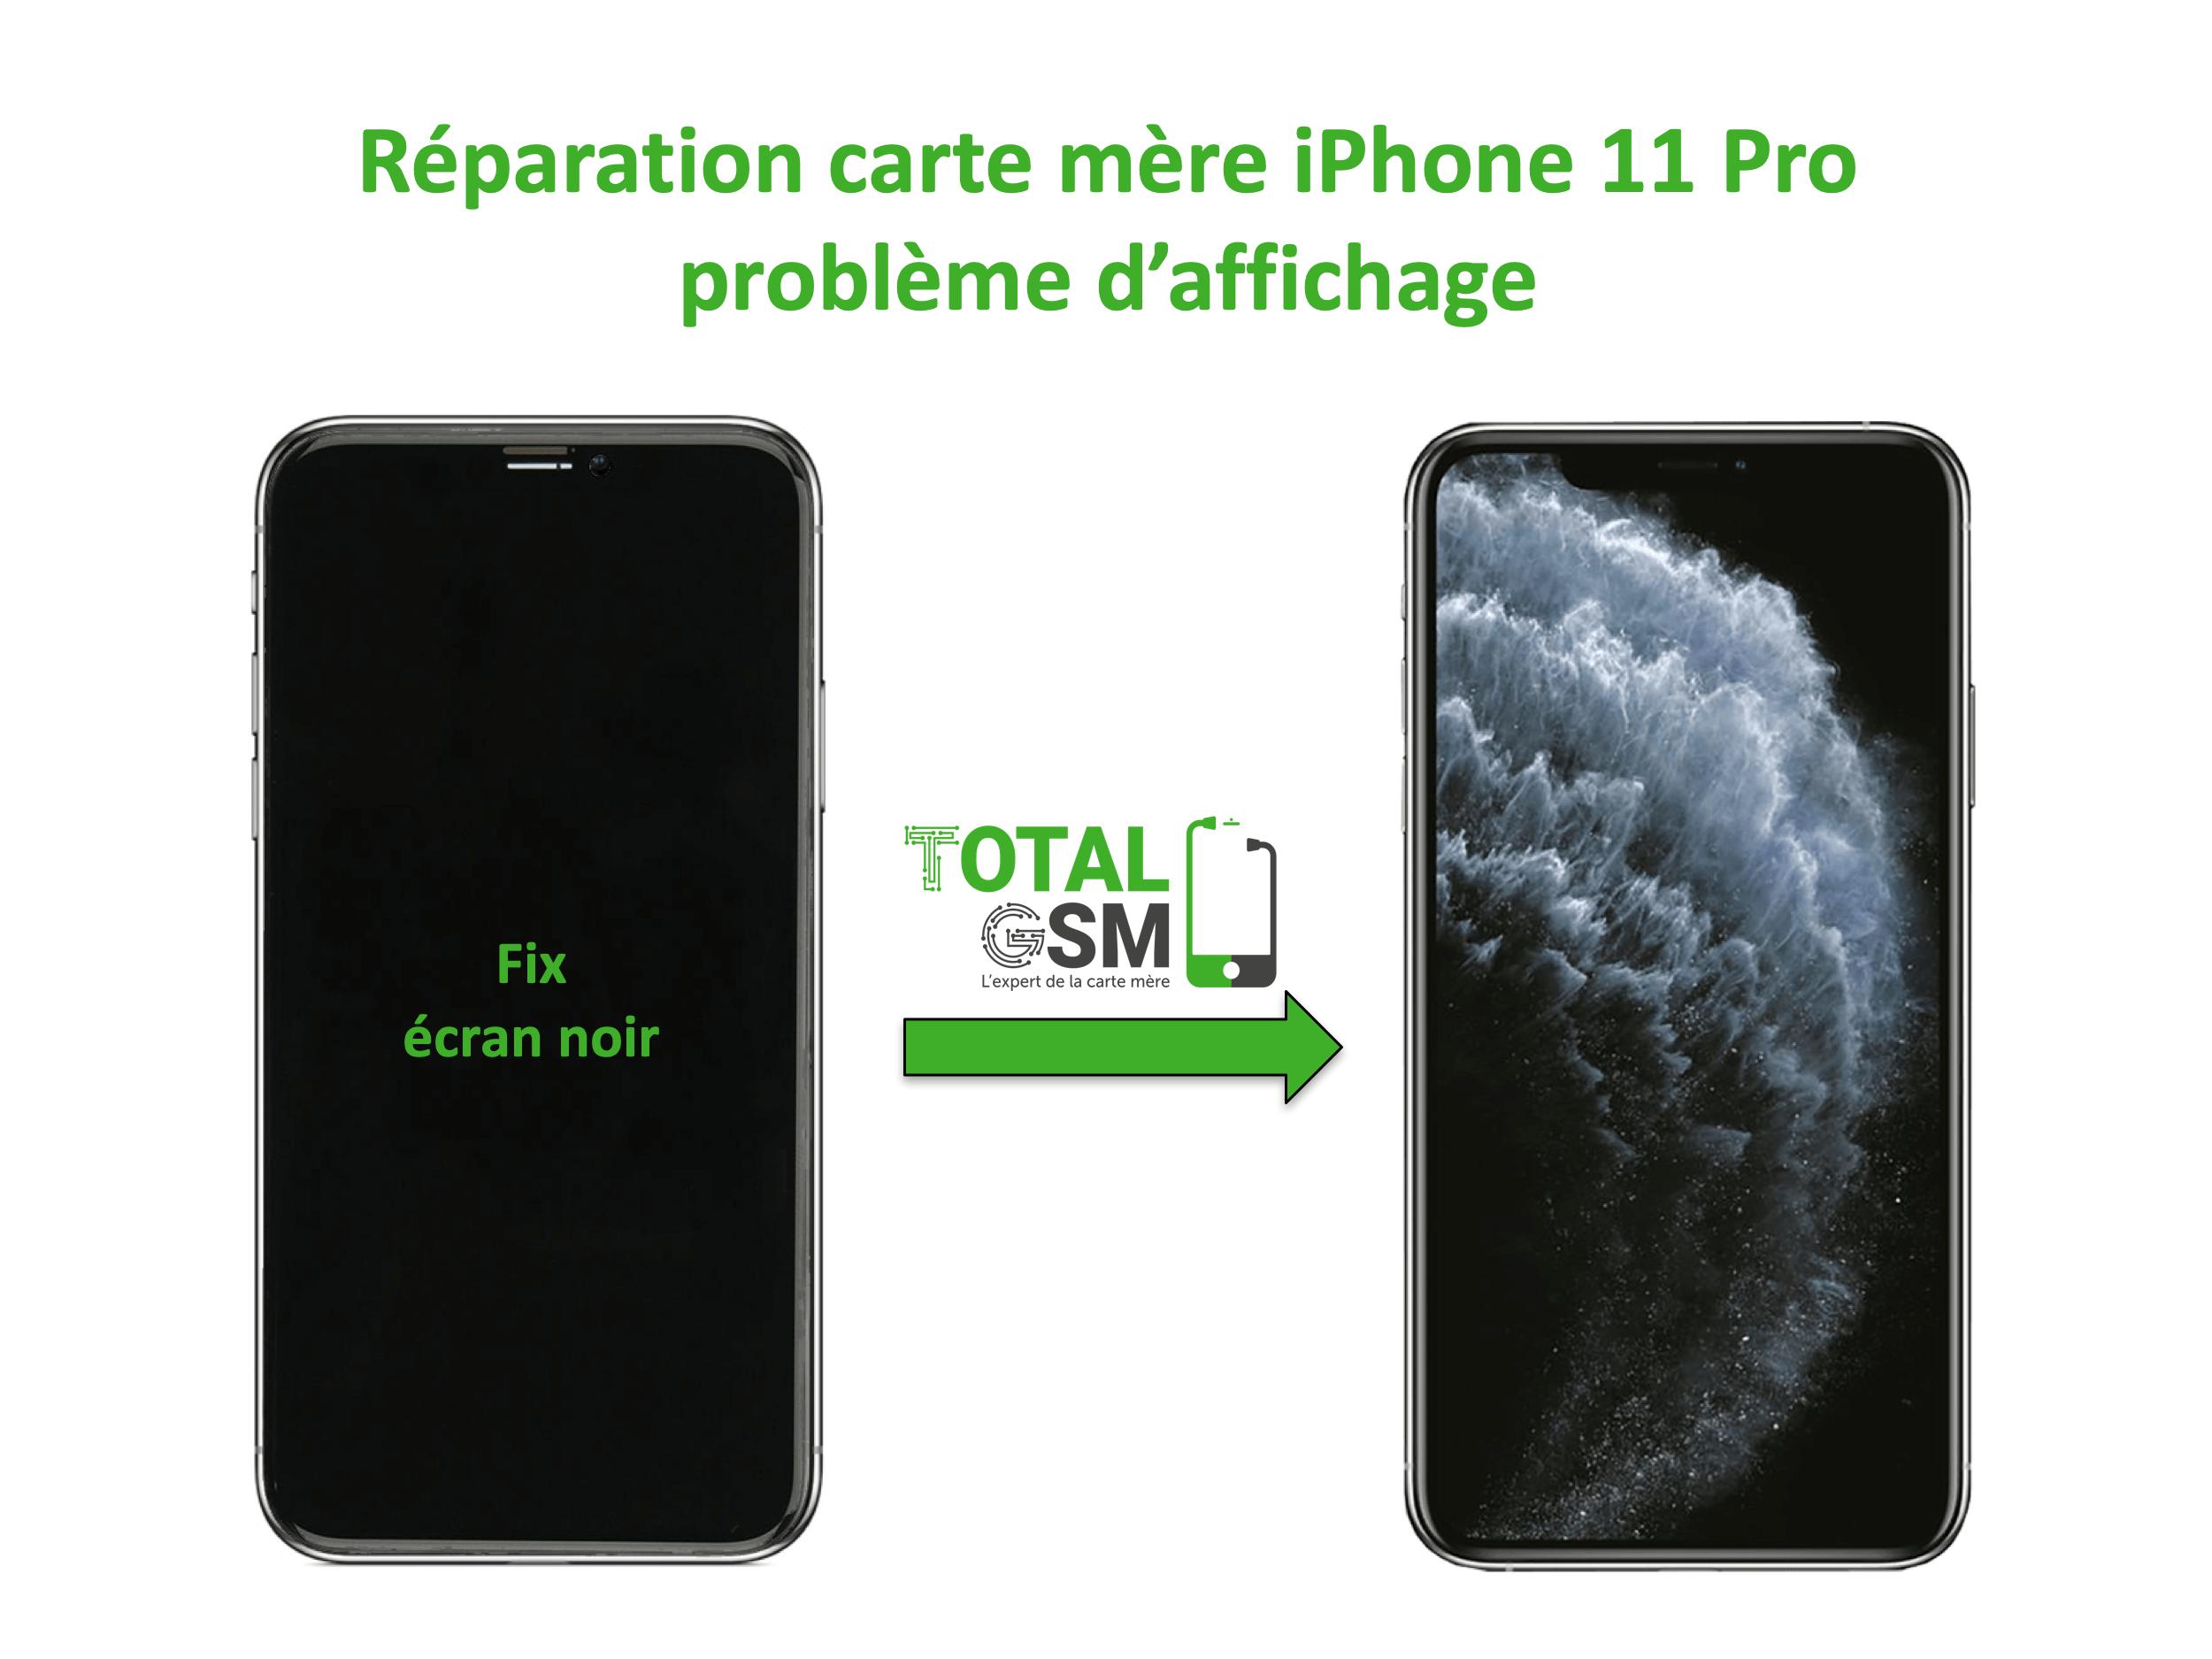 iPhone-11-pro-reparation-probleme-de-affichage